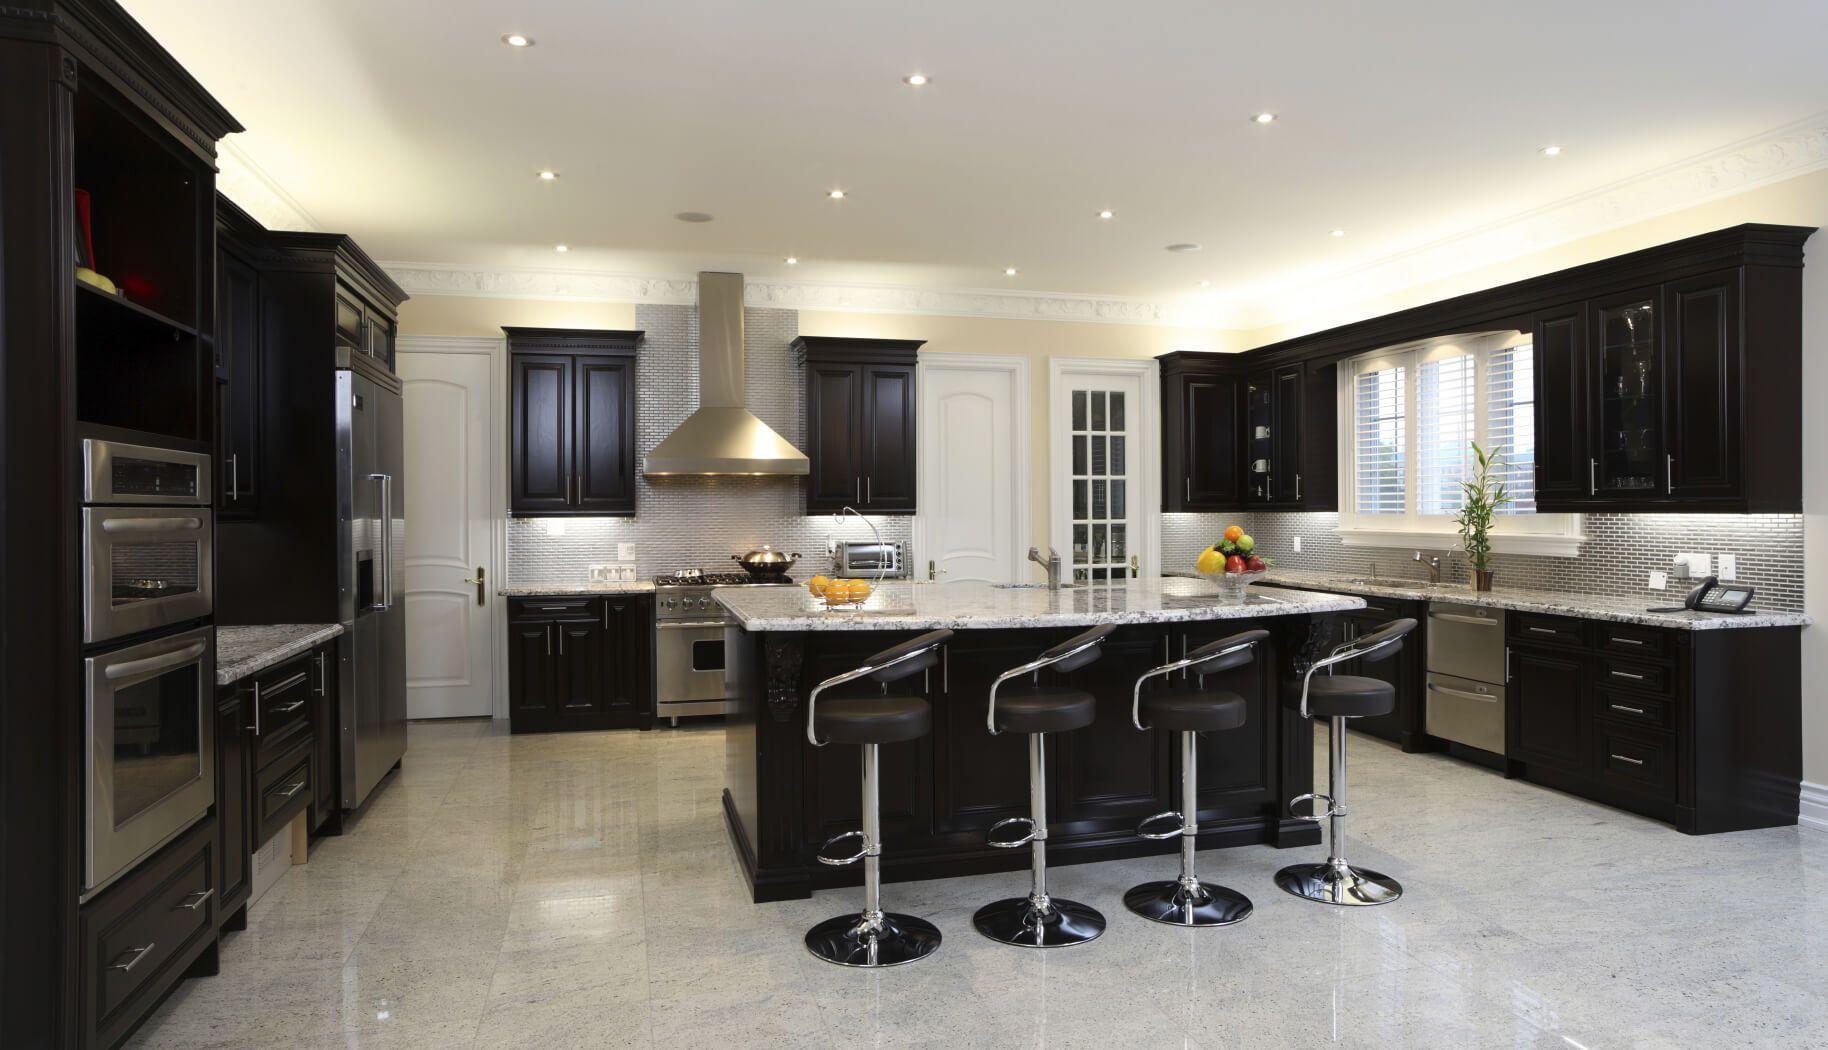 Wonderful 40 Magnificent Kitchen Designs With Dark Cabinets Part 30